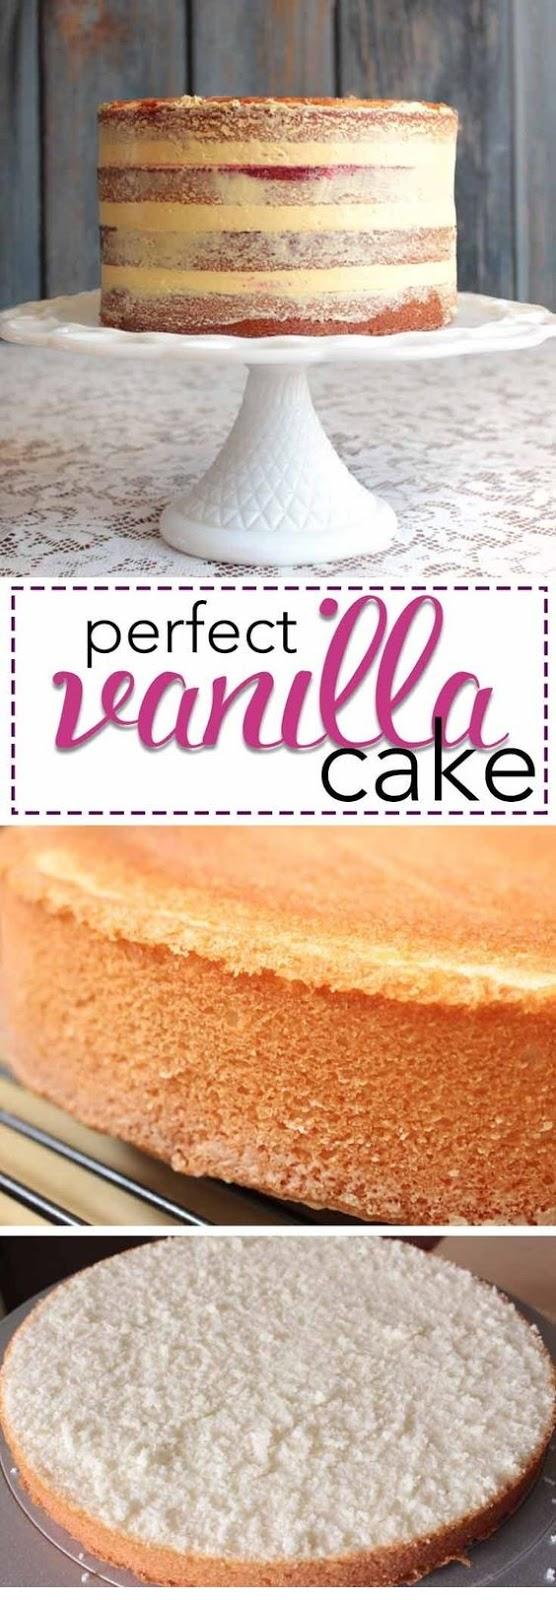 Kara's Perfect Vanilla Cake